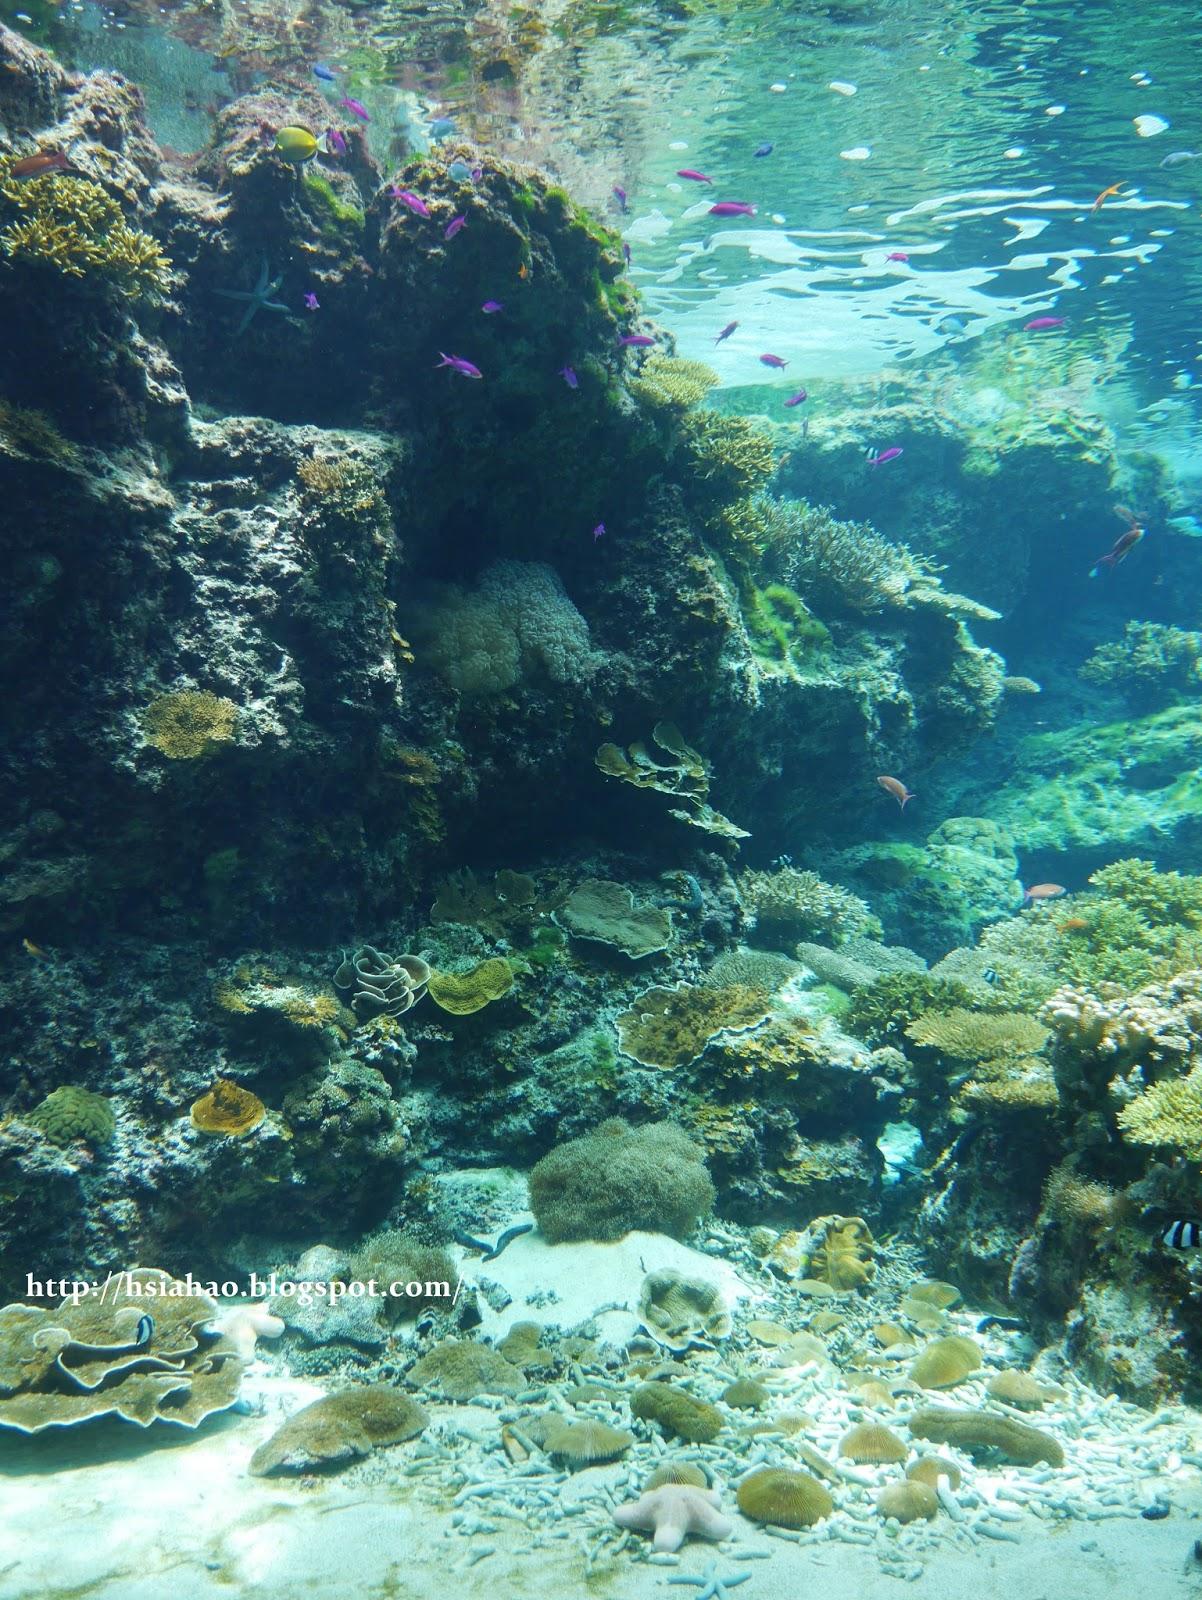 沖繩-海洋博公園-美麗海水族館-魚-景點-自由行-旅遊-旅行-okinawa-ocean-expo-park-Churaumi